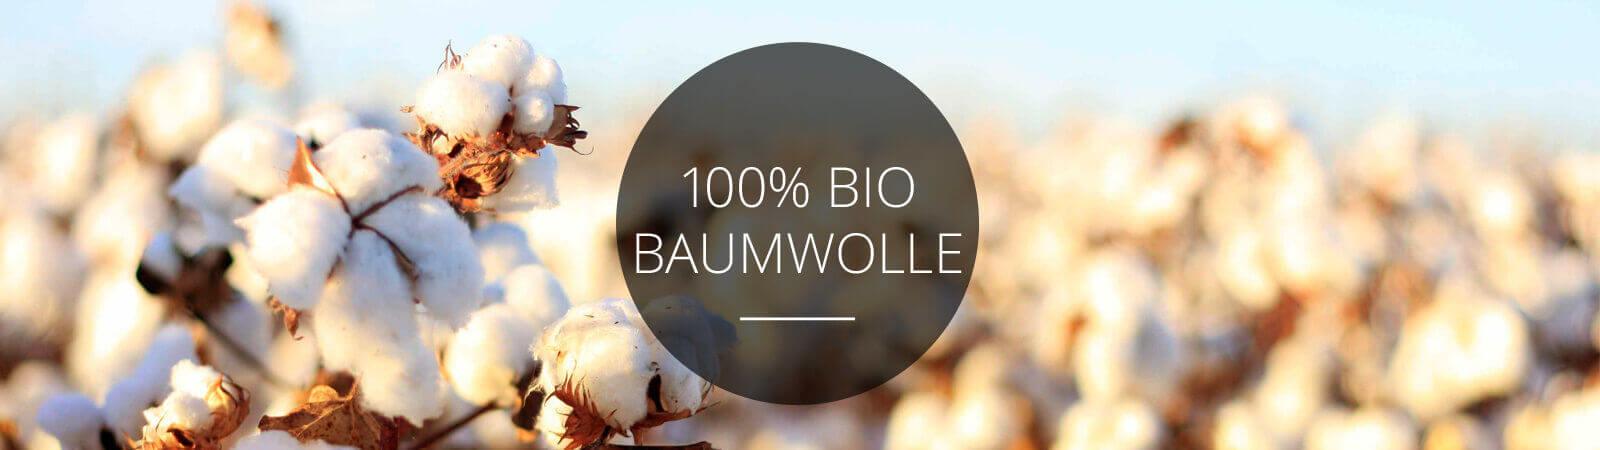 100%-bio-baumwolle-faire-kleidung-produktkriterien-kommabei-Onlineshop